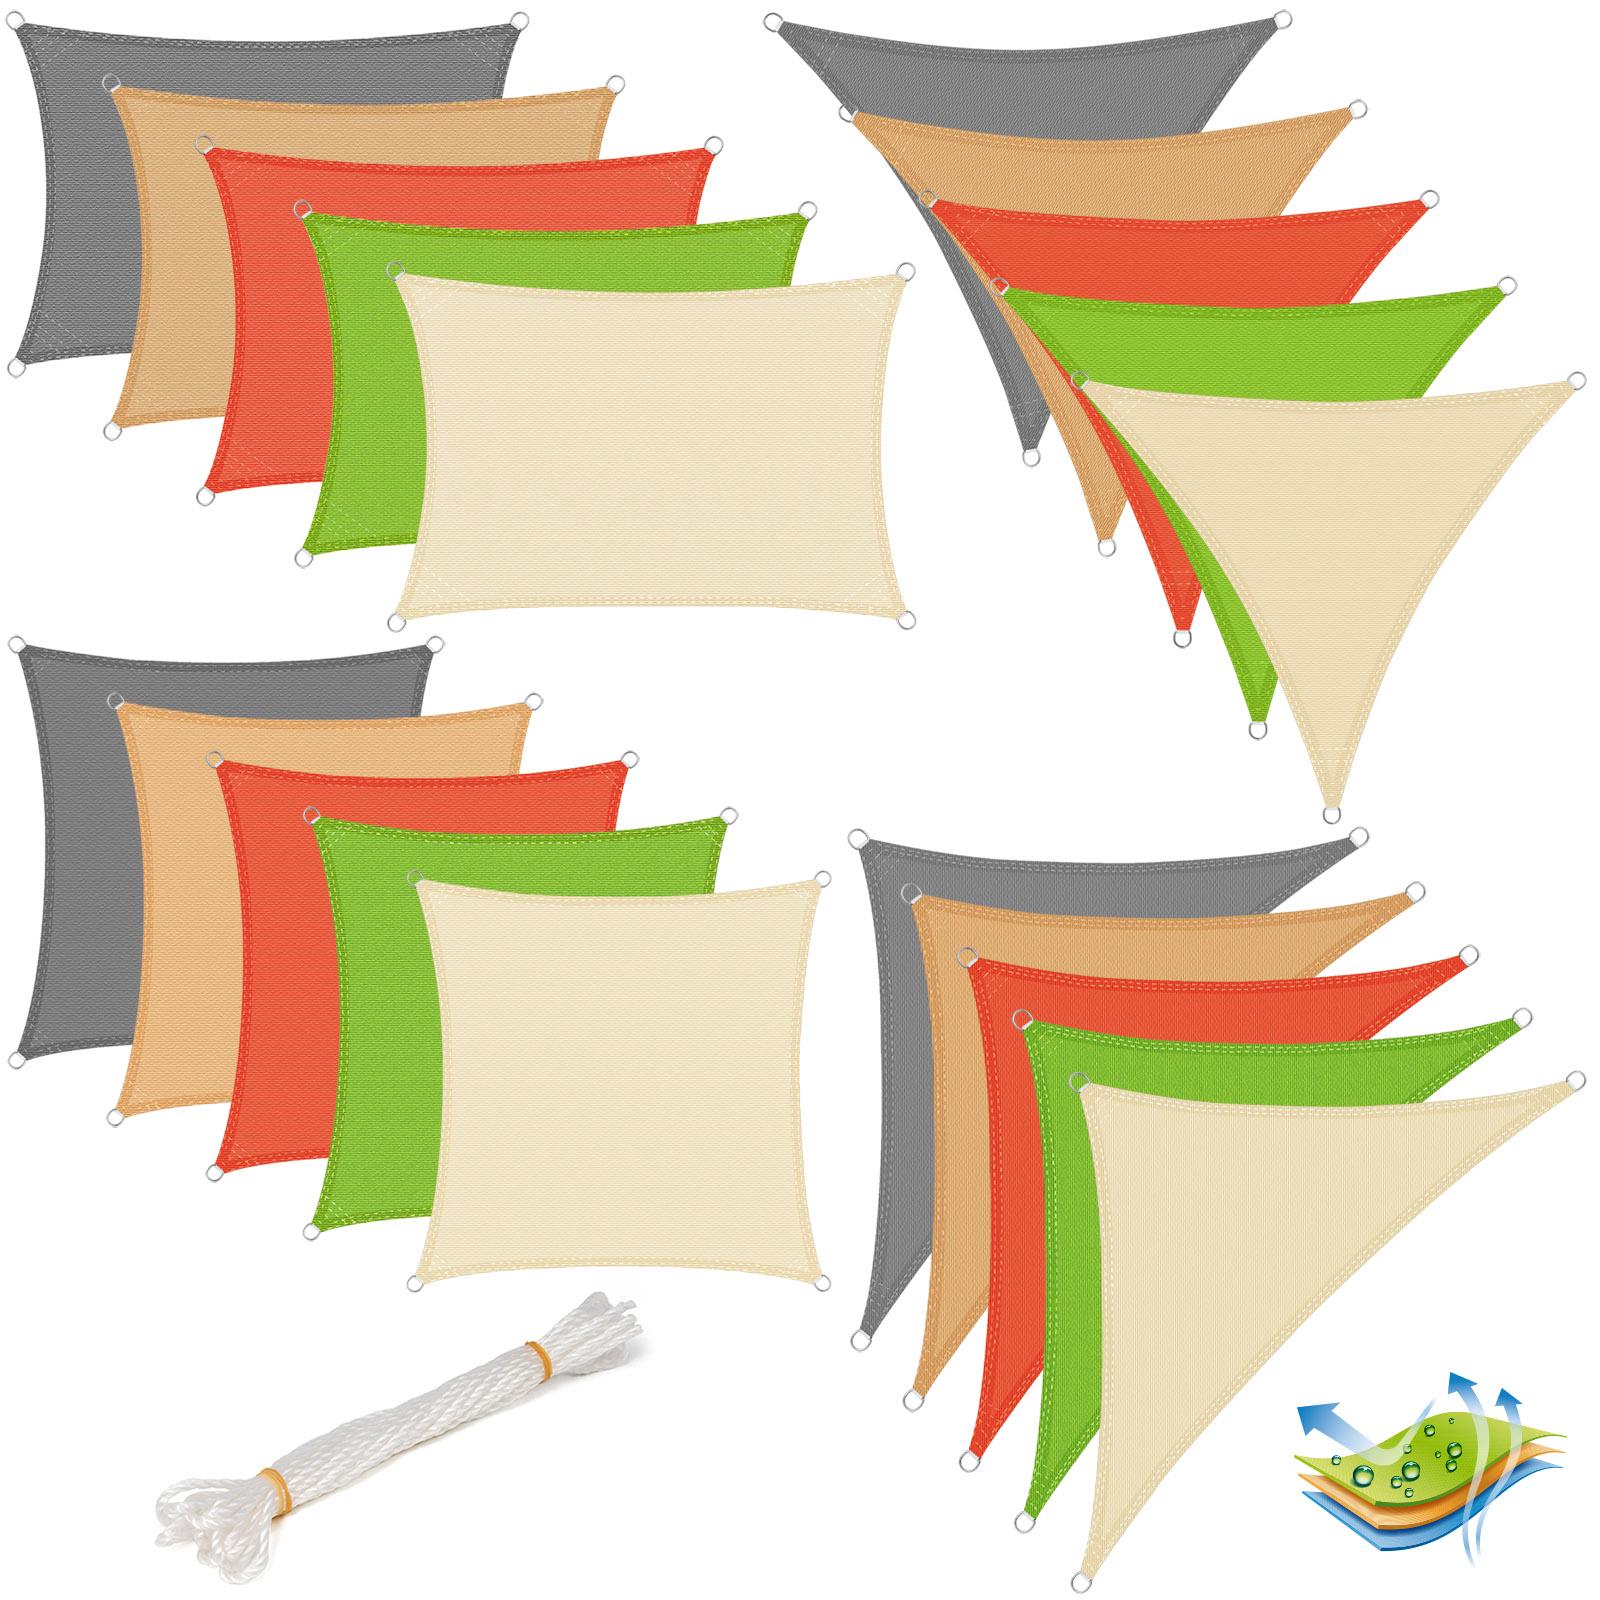 sonnensegel sonnendach uv schutz rechteck quadrat dreieck pes hdpe garten 607 ebay. Black Bedroom Furniture Sets. Home Design Ideas